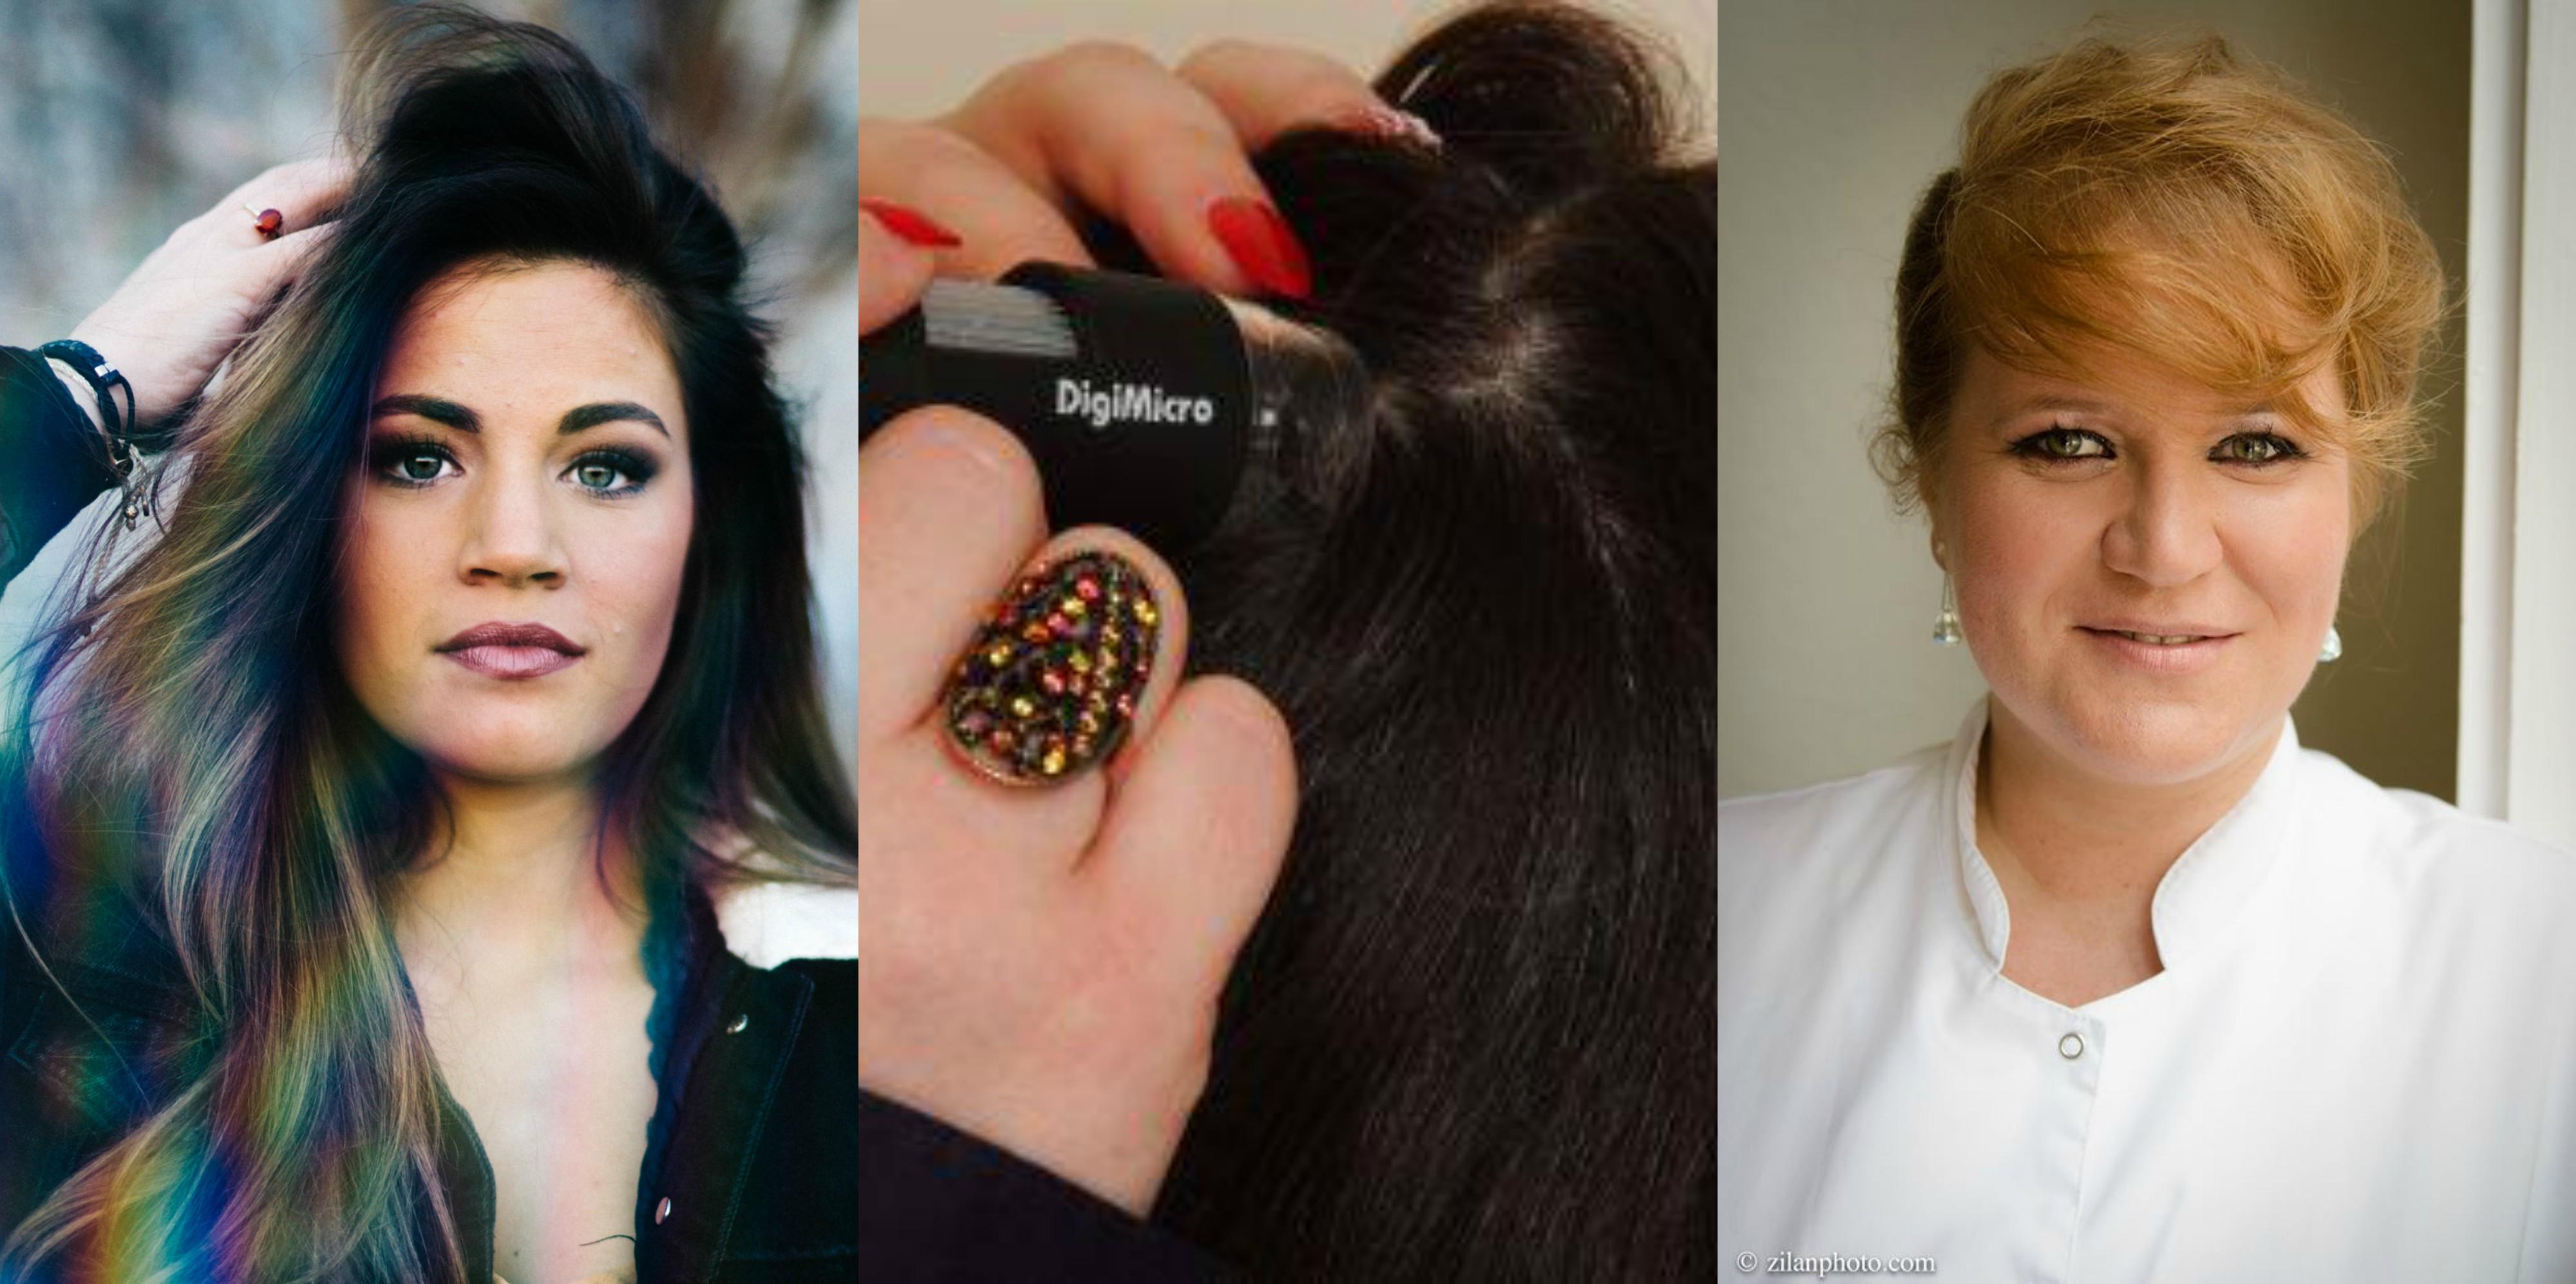 Valószínűleg már találkoztál olyan haj- és fejbőrbetegségekkel, mint a könnyen korpásodó, vagy zsírosodó haj, esetleg a komolyabb hajhullás. De azt vajon tudtad, hogy ezeknek az oka a szervezet zavara lehet, amit sokszor egy súlyos betegség válthat ki?